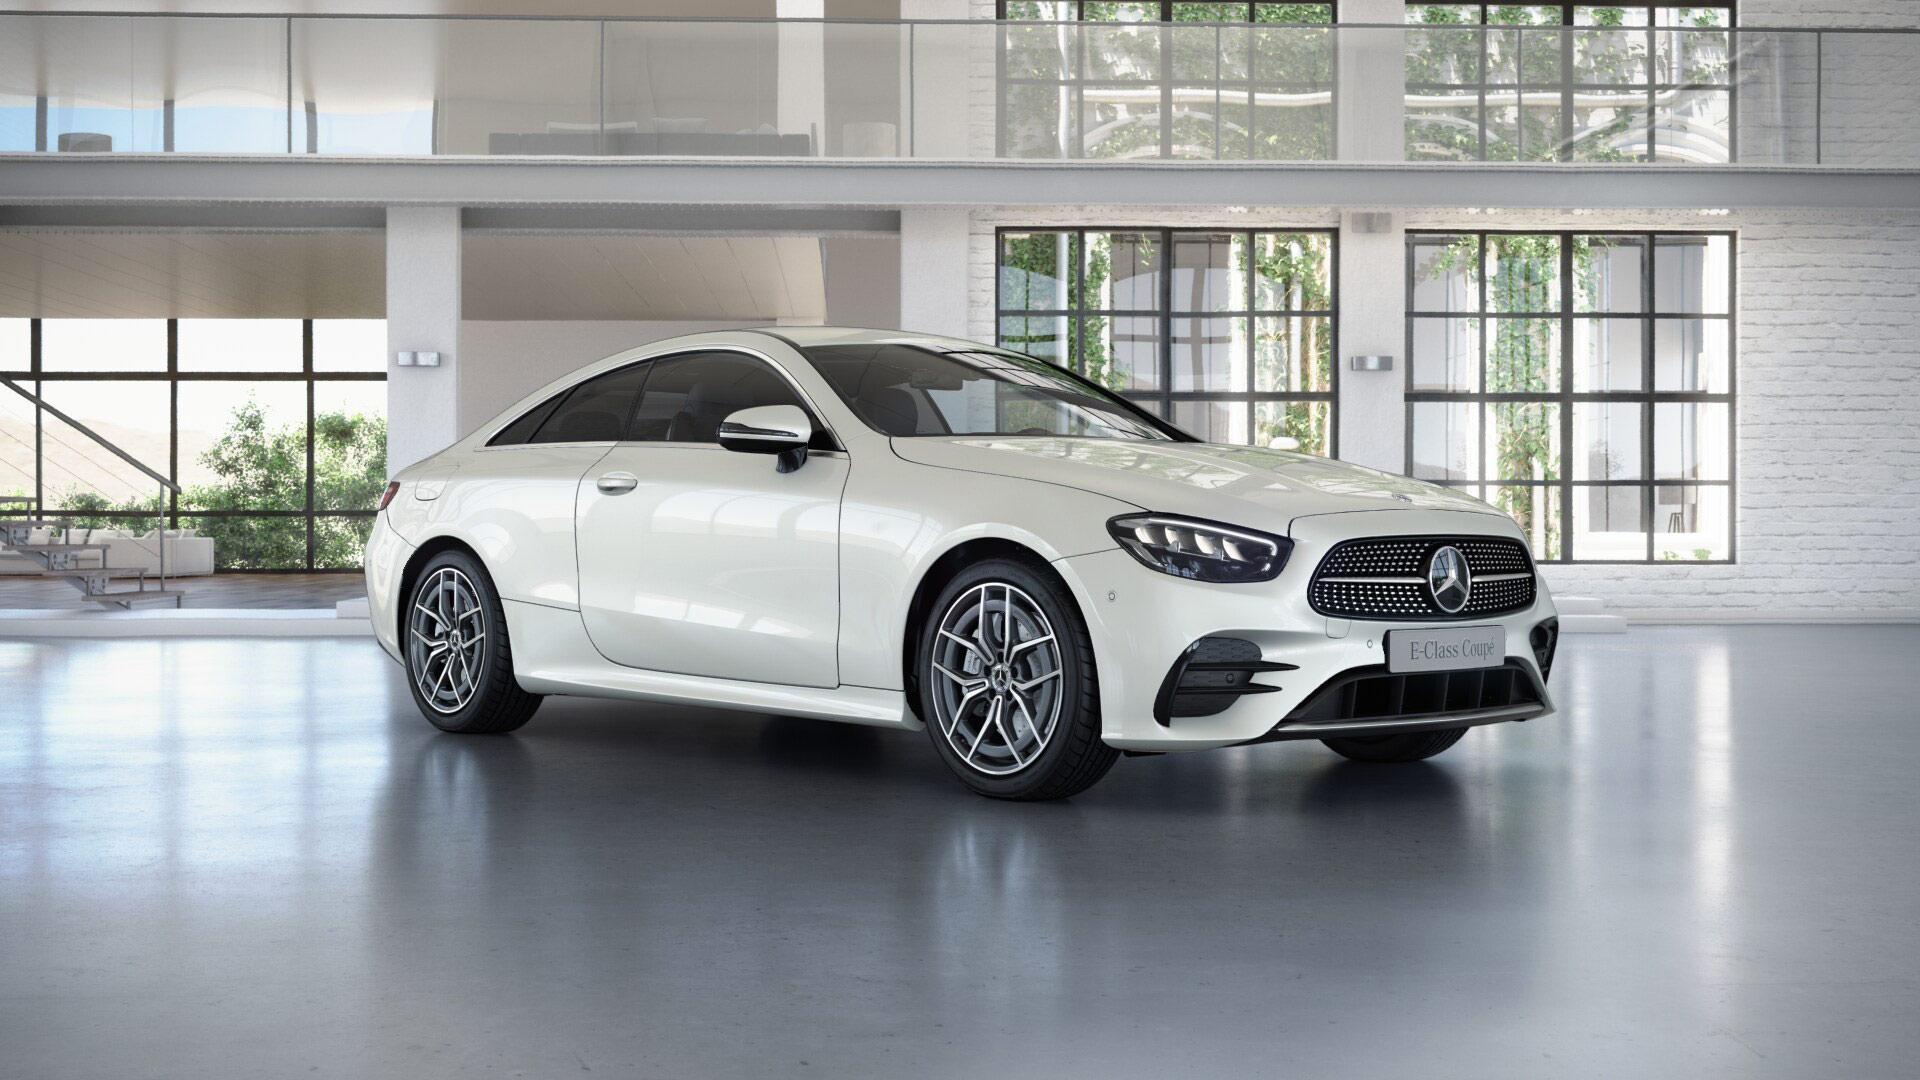 Mercedes-Benz Classe E Finition AMG Line, Vue de trois quarts de profil de l'avant en mouvement